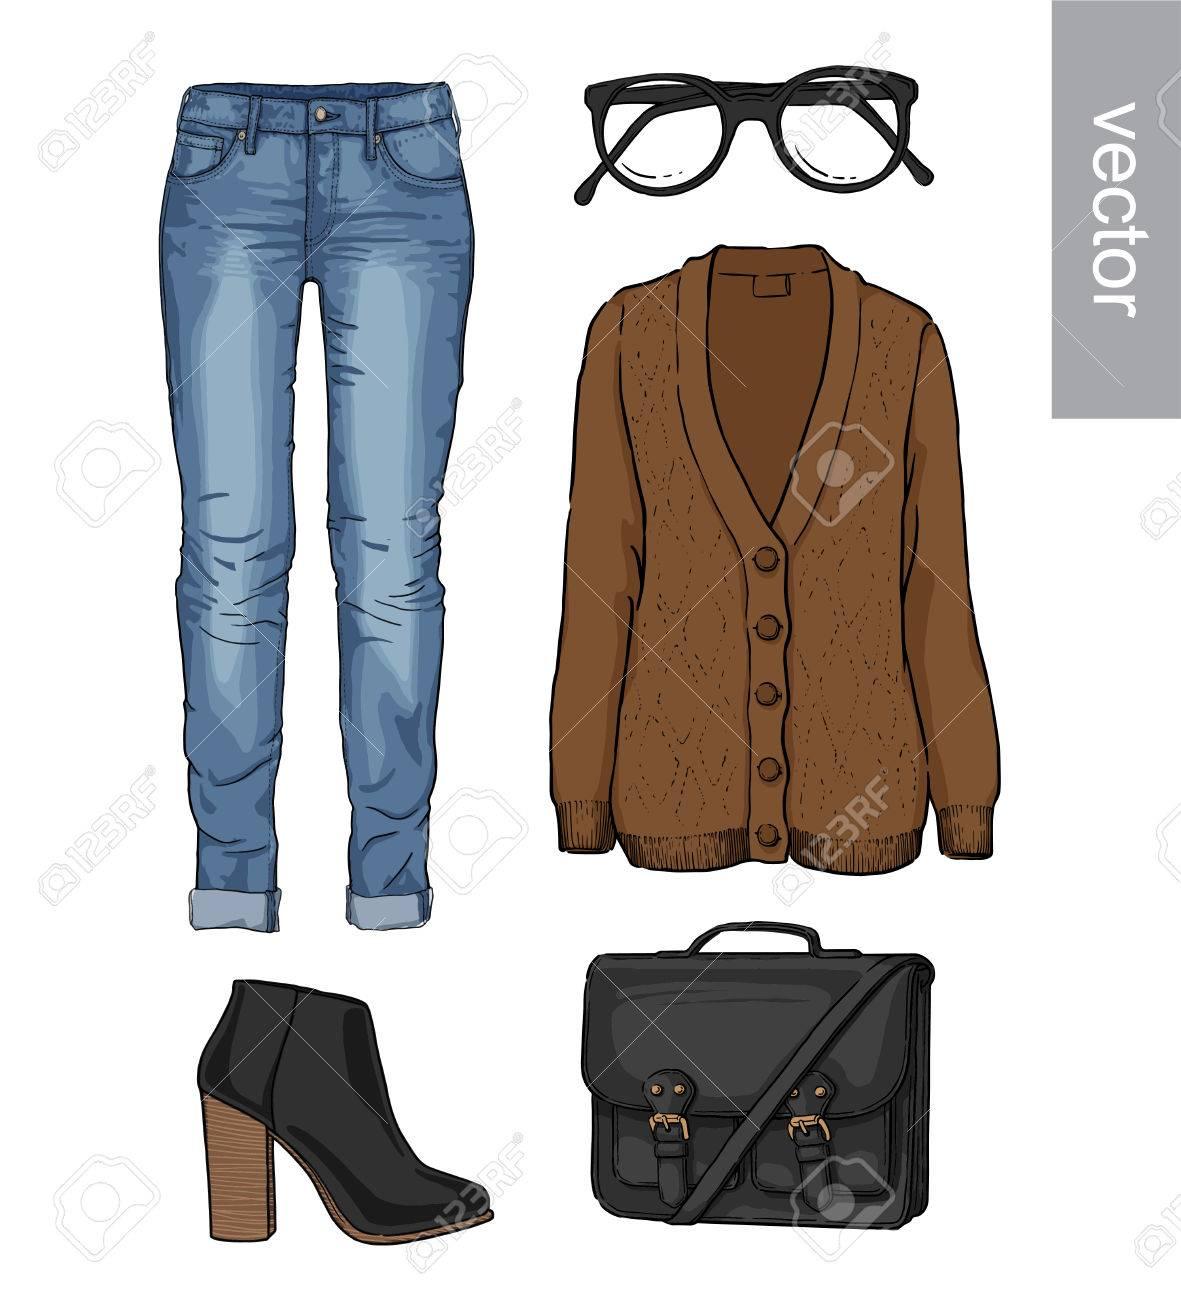 cbc2555e7 Dama de la moda conjunto de otoño, primavera, traje de la temporada de  invierno. Ilustración estilo y de moda de ropa. Cardigan, dril de algodón,  ...